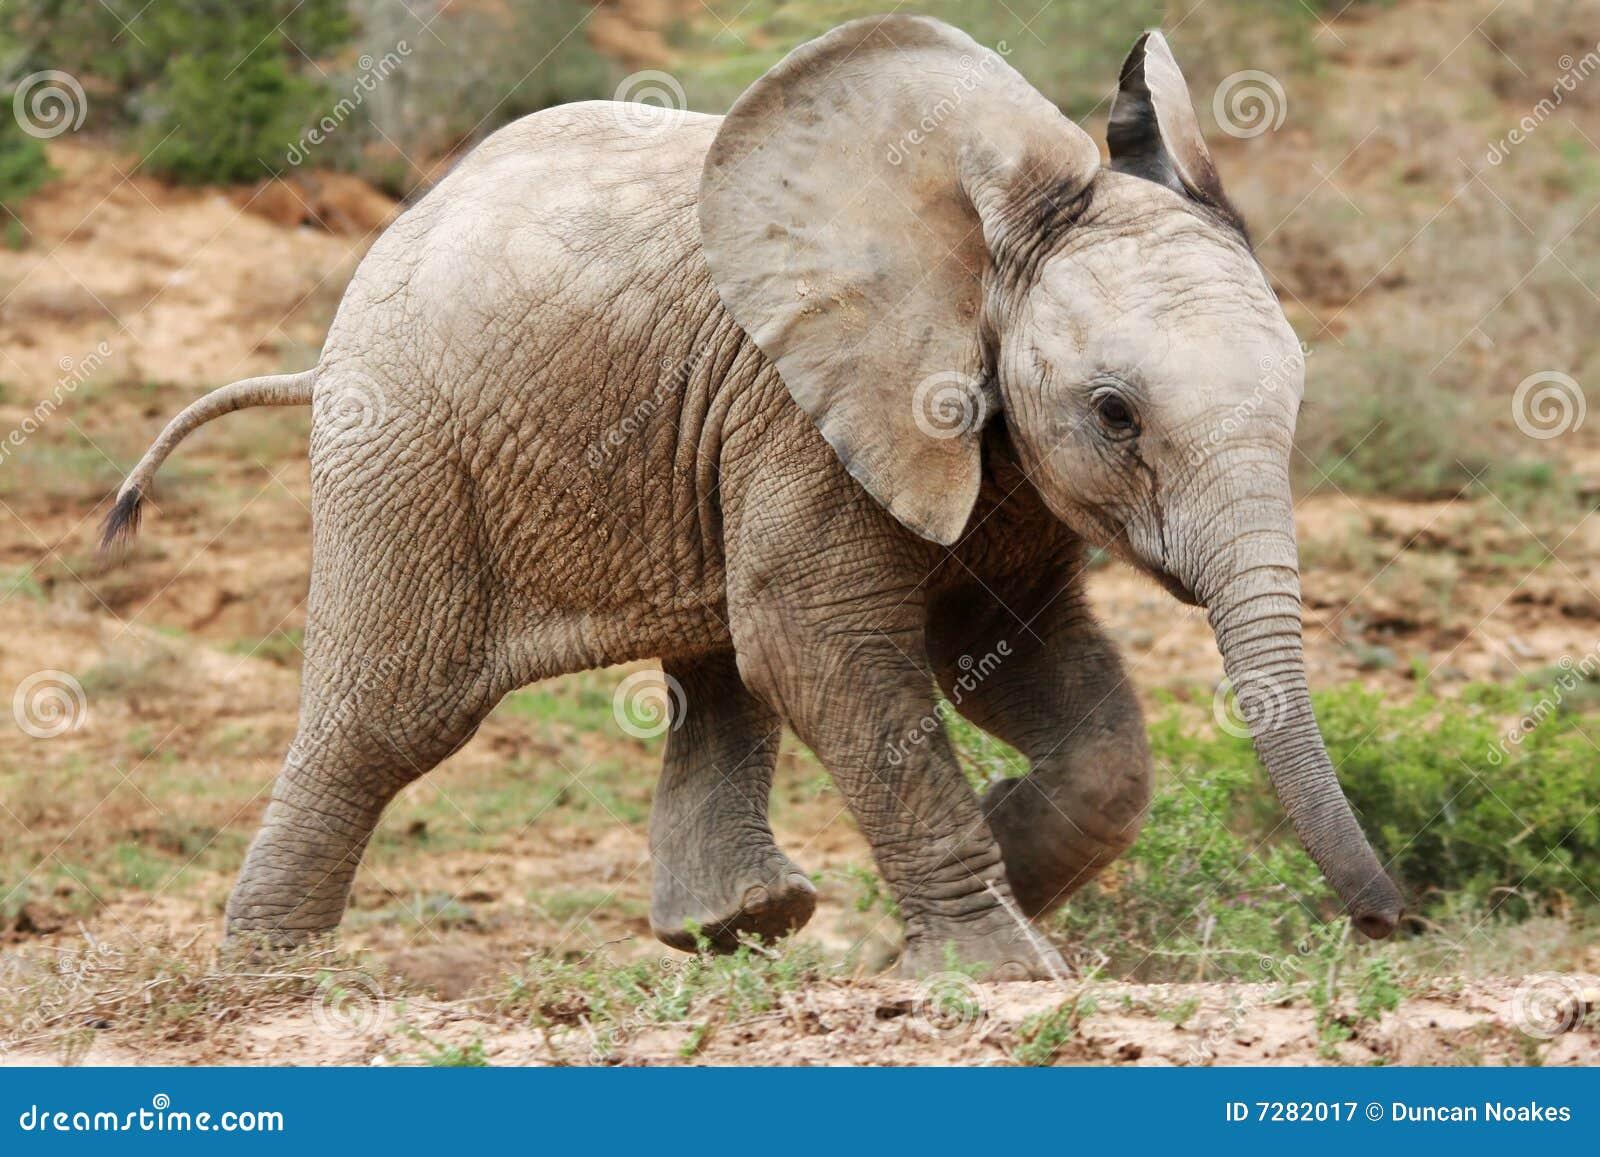 Elefante africano do beb fotografia de stock royalty free - Fotos de elefantes bebes ...